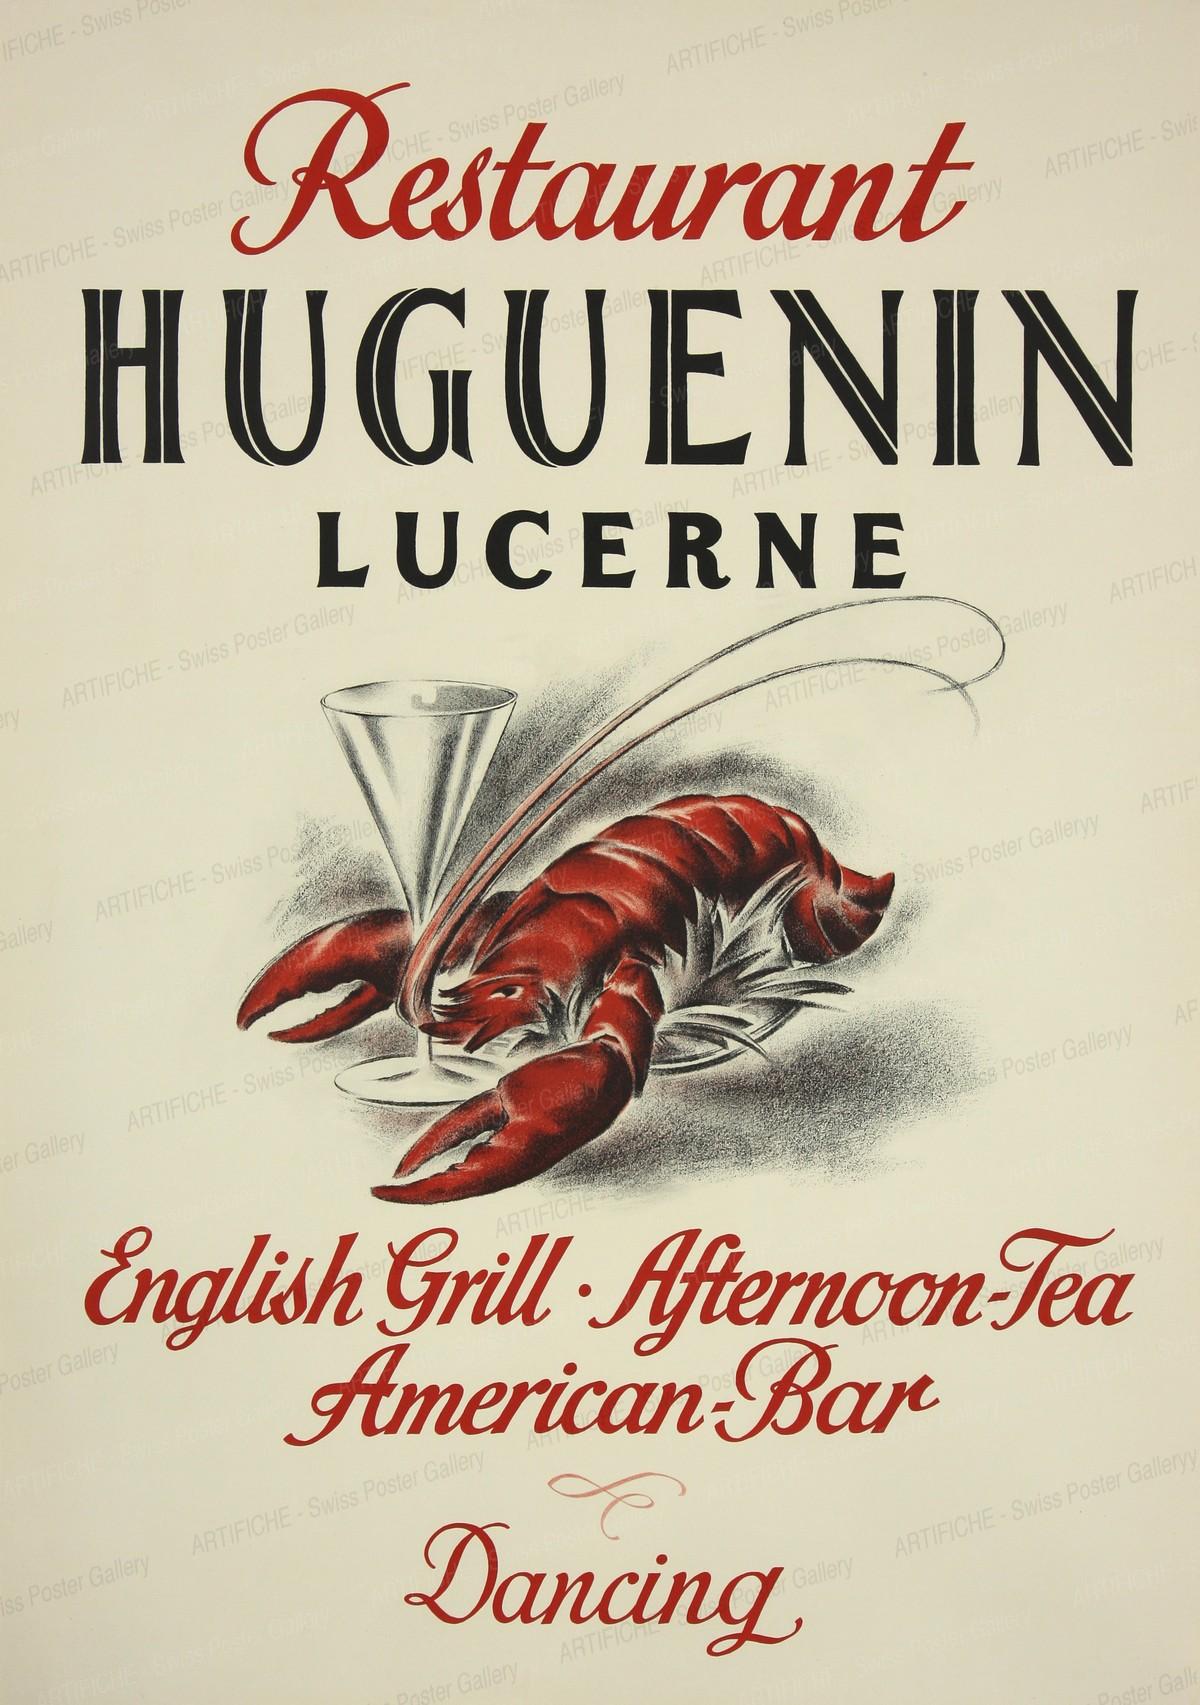 Restaurant Huguenin Lucerne, Artist unknown